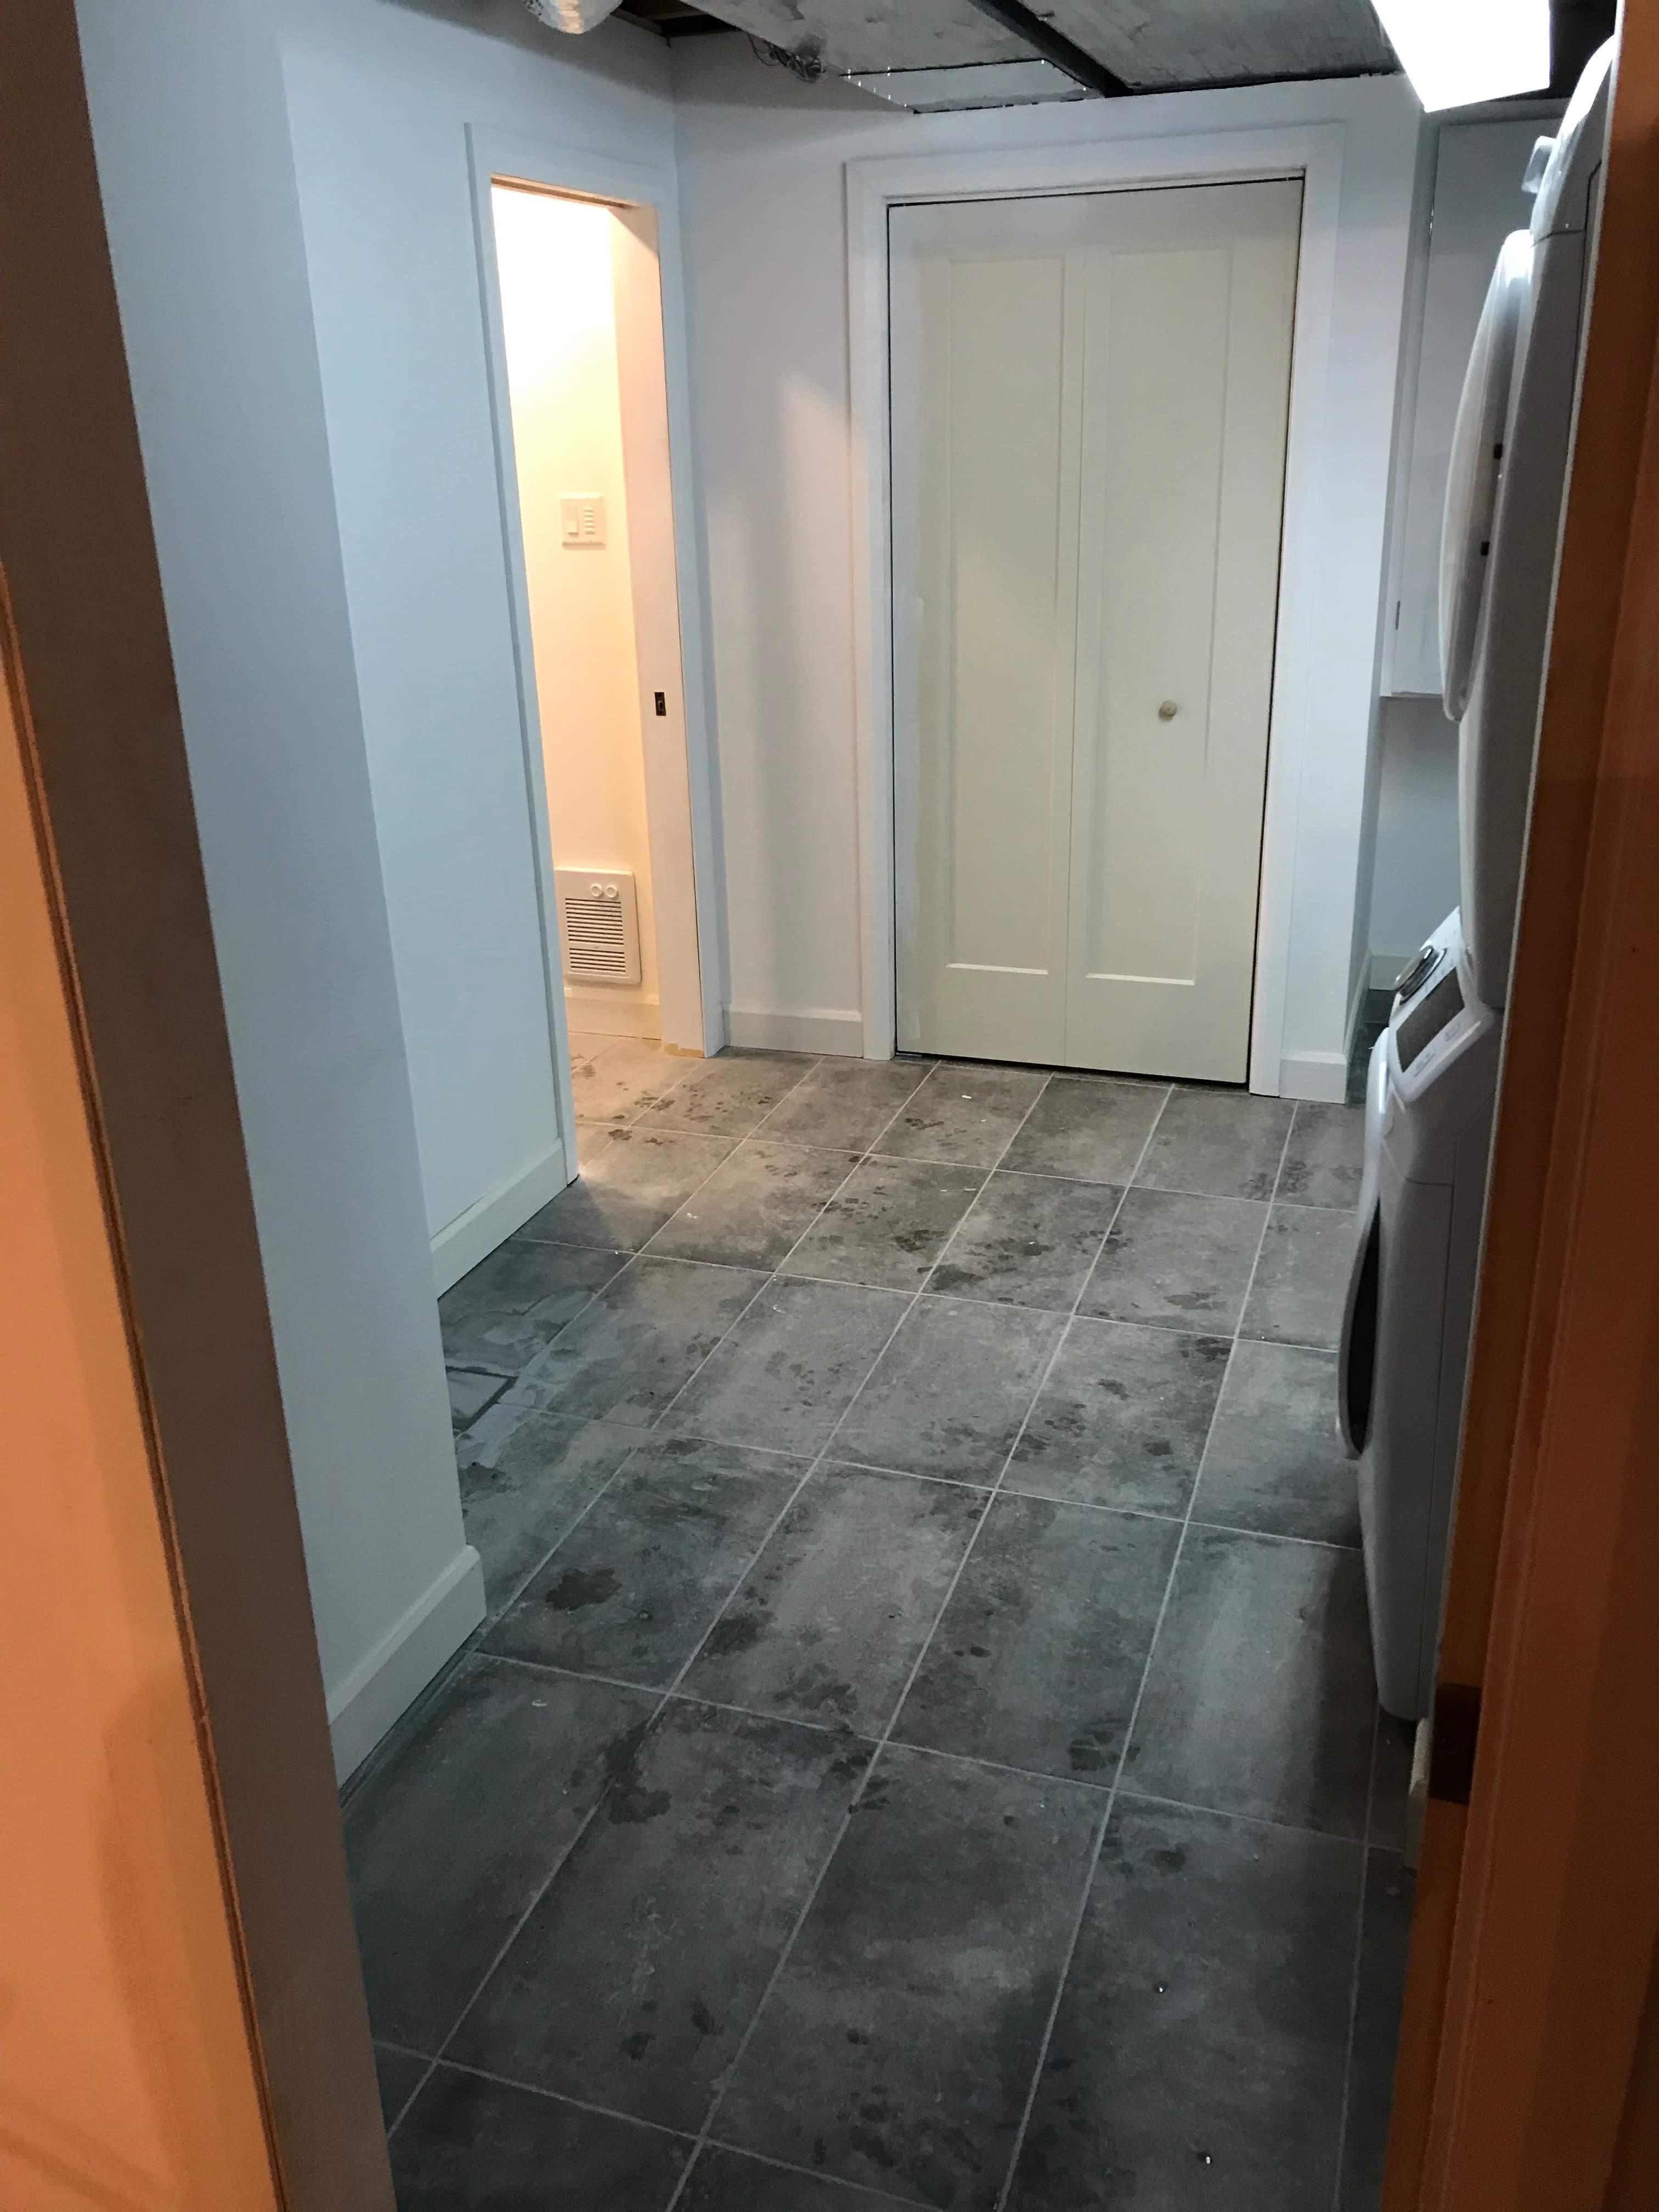 Plomberie Salle De Bain Sous Sol salle de bain/salle de lavage – entrepreneur général en